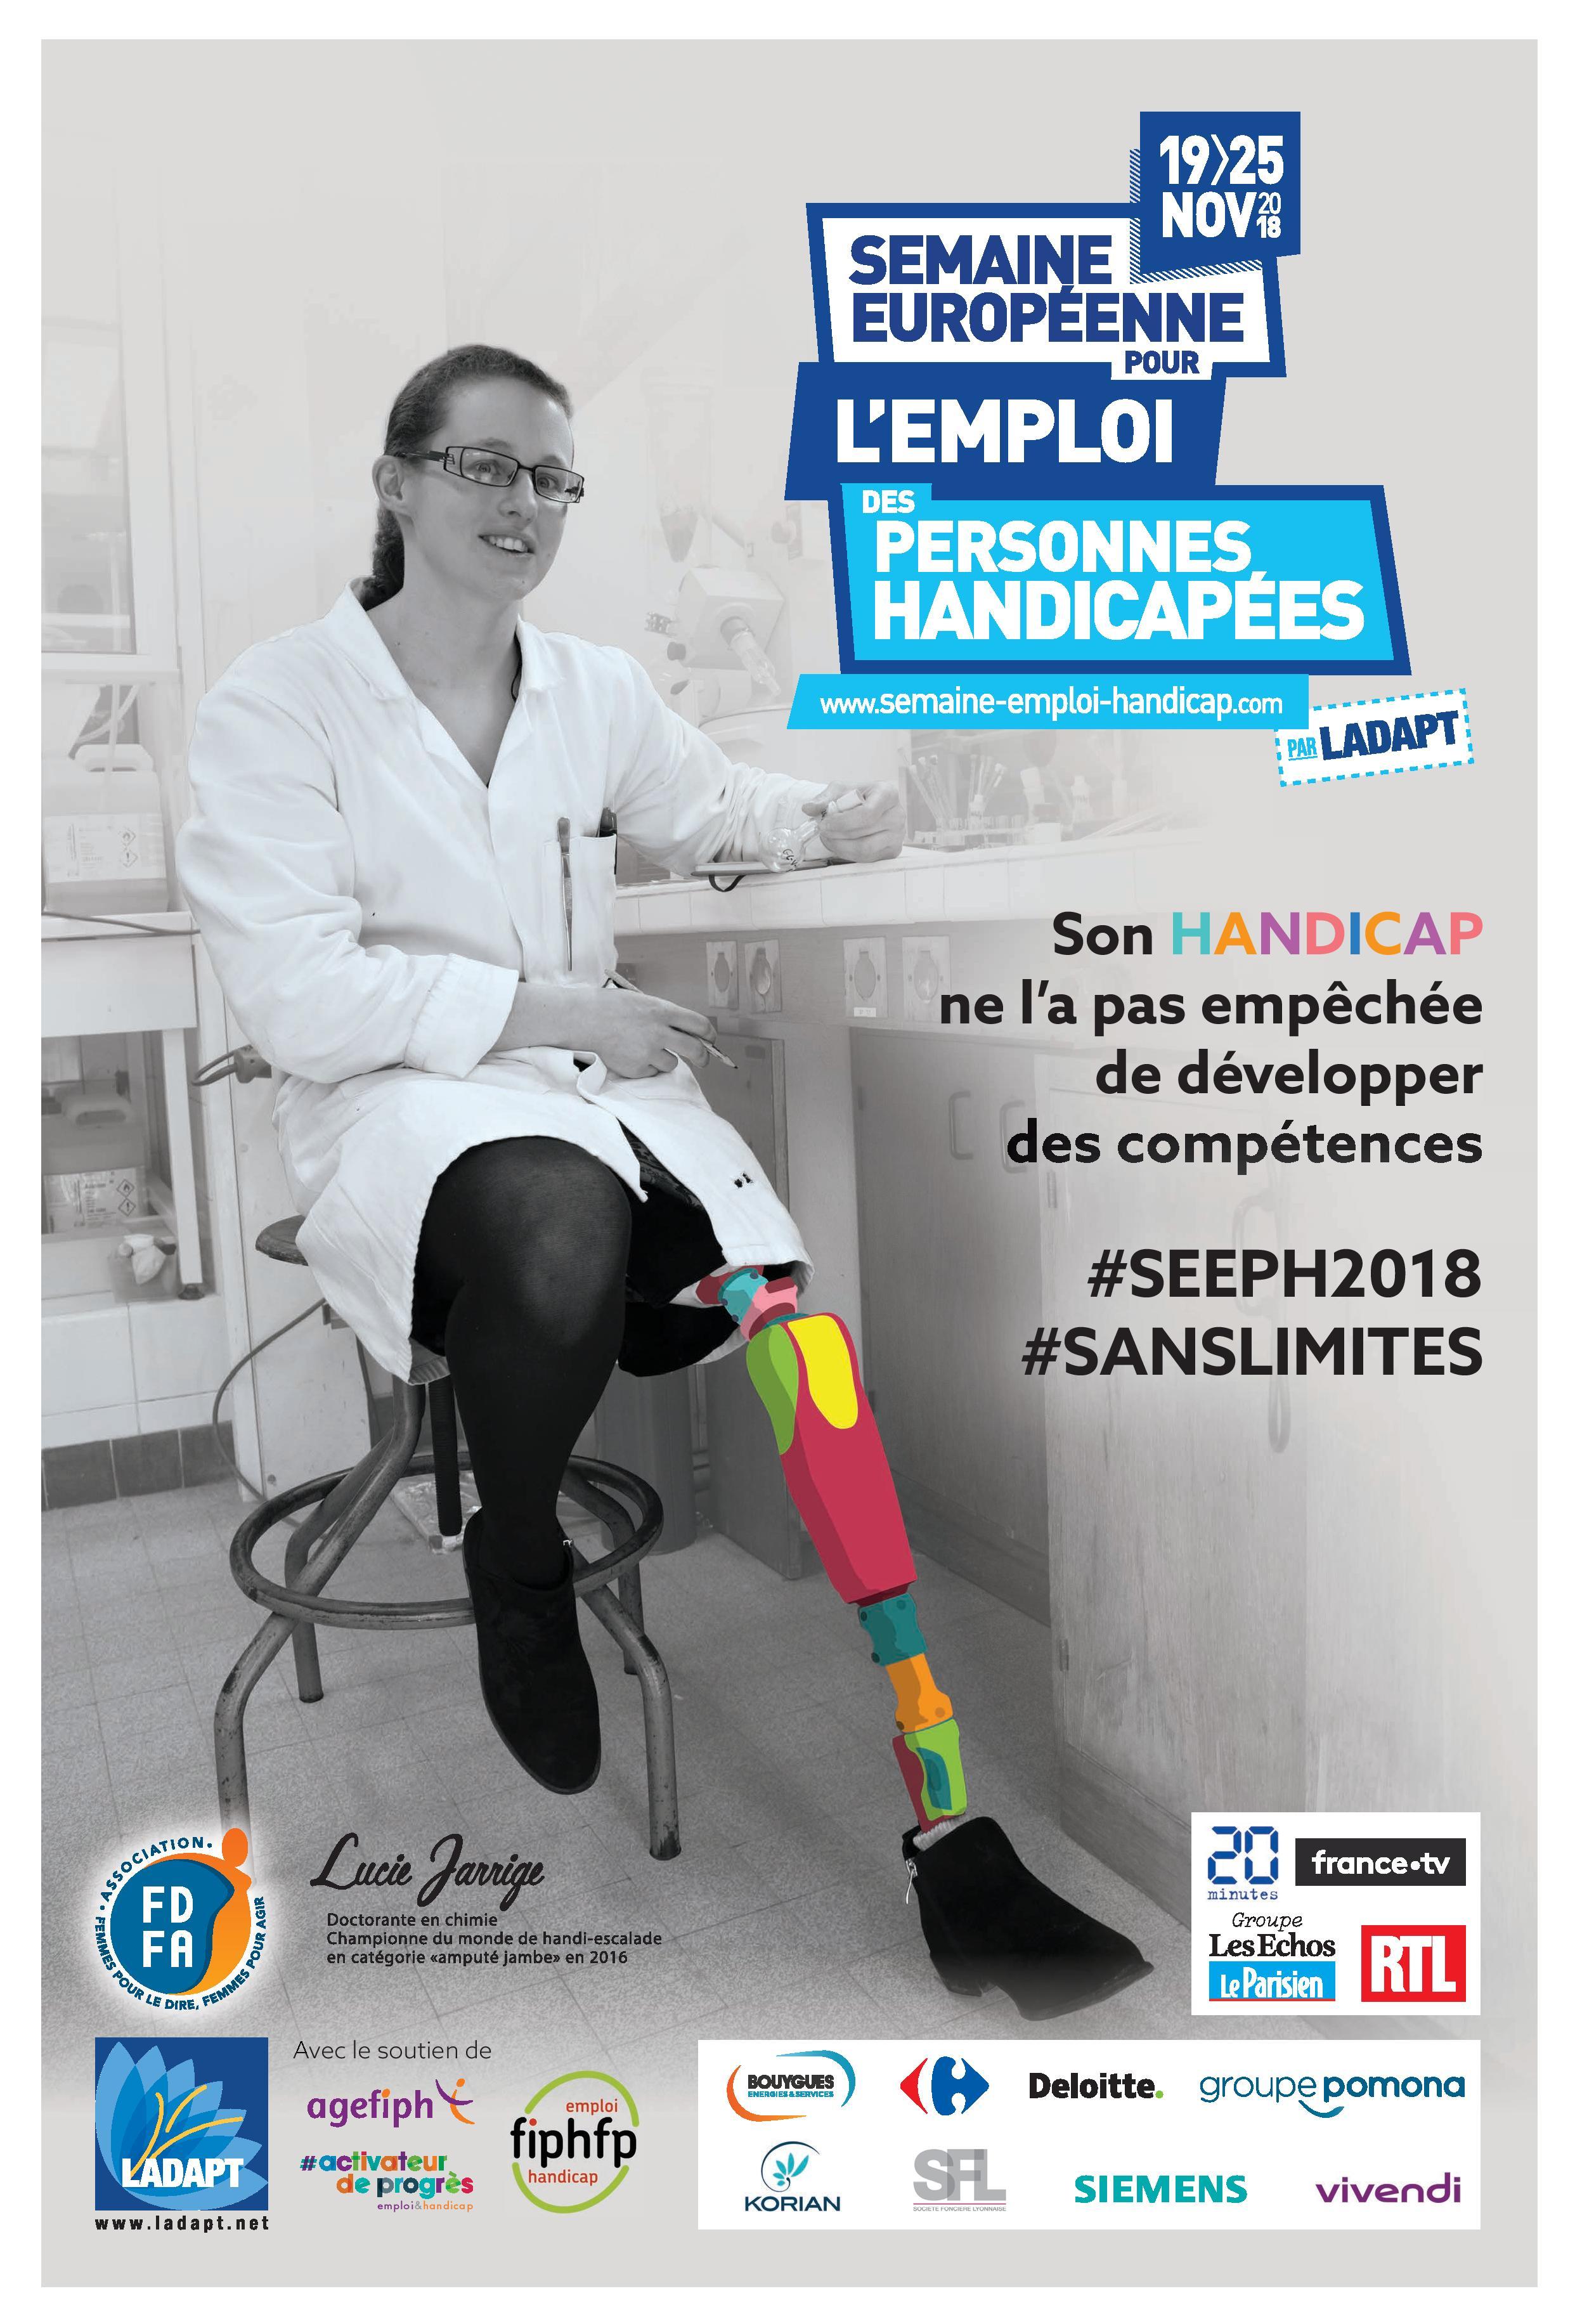 Cap Emploi de l'Adapei de l'orne, en lien avec ses partenaires, promeut l'insertion professionnelle des personnes handicapées auprès des entreprises à l'occasion de la SEEPH, du 19 au 23 novembre 2018